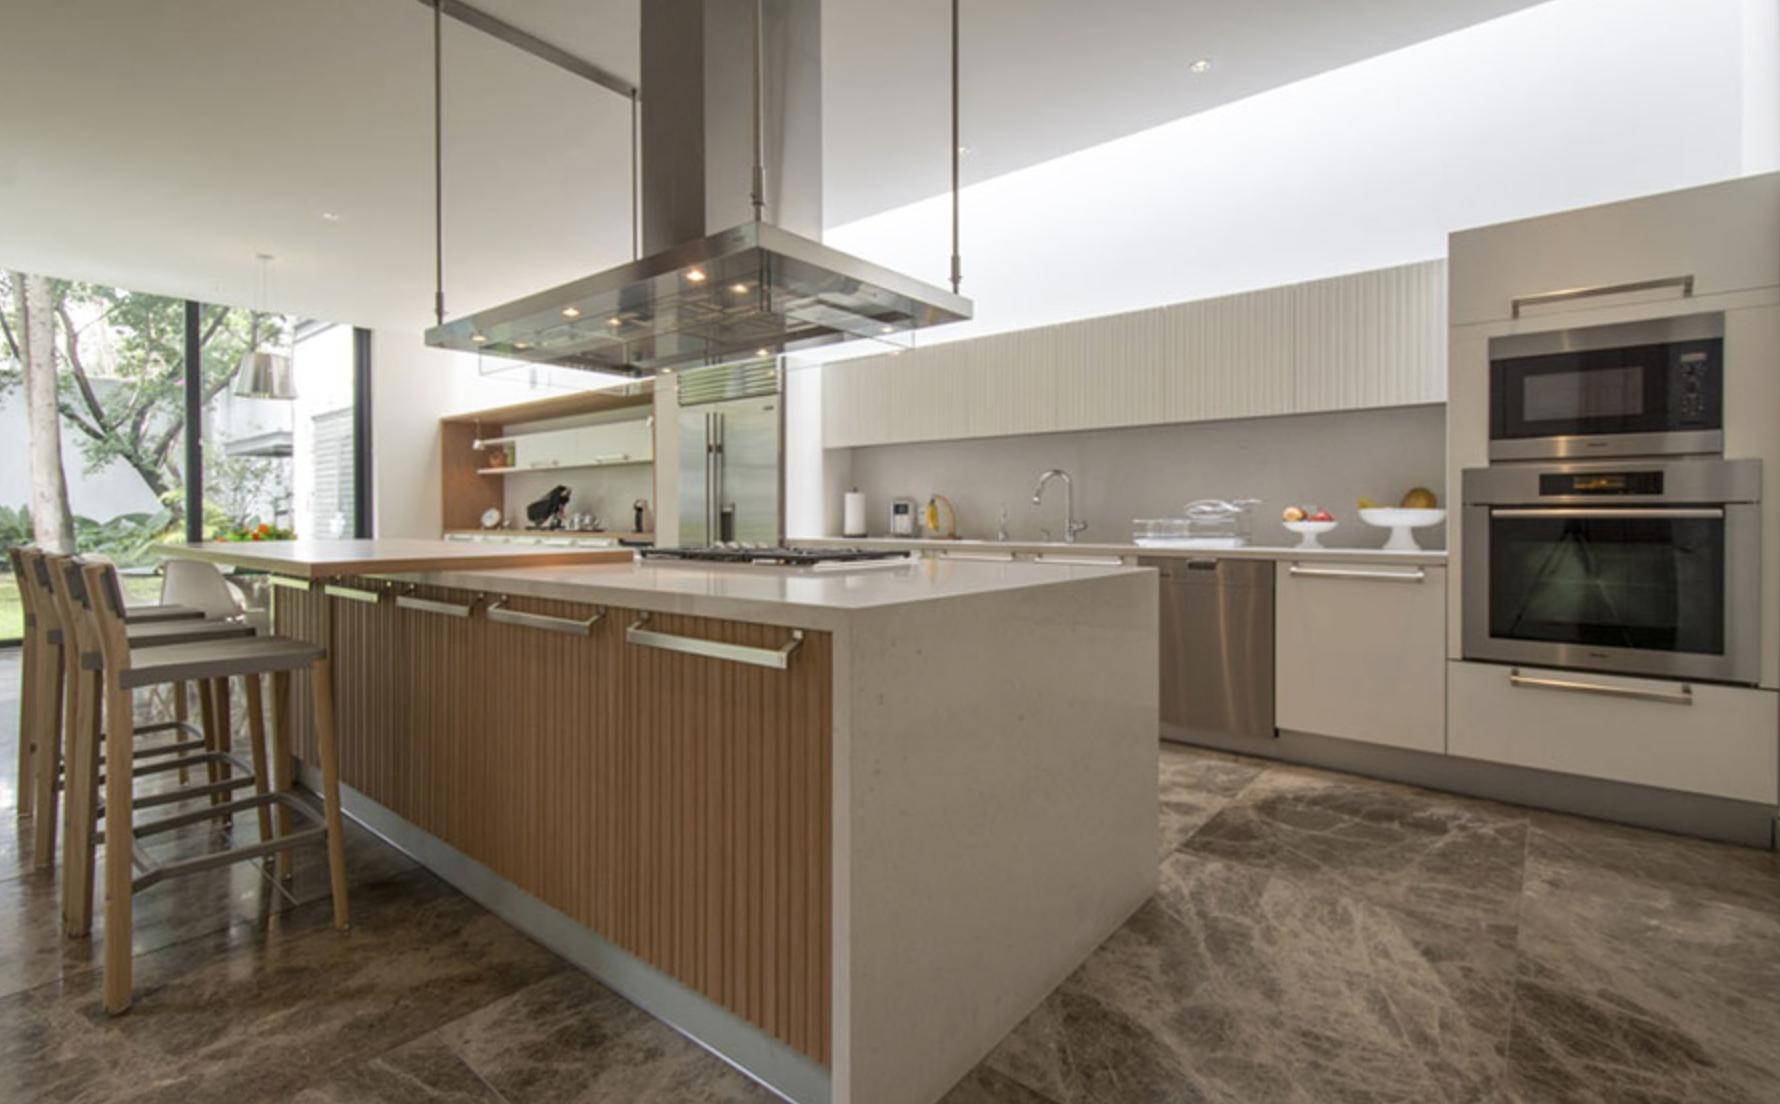 proyecto c cubica arquitectos arq emilio cabrero cocina modelo lignum et lapiz